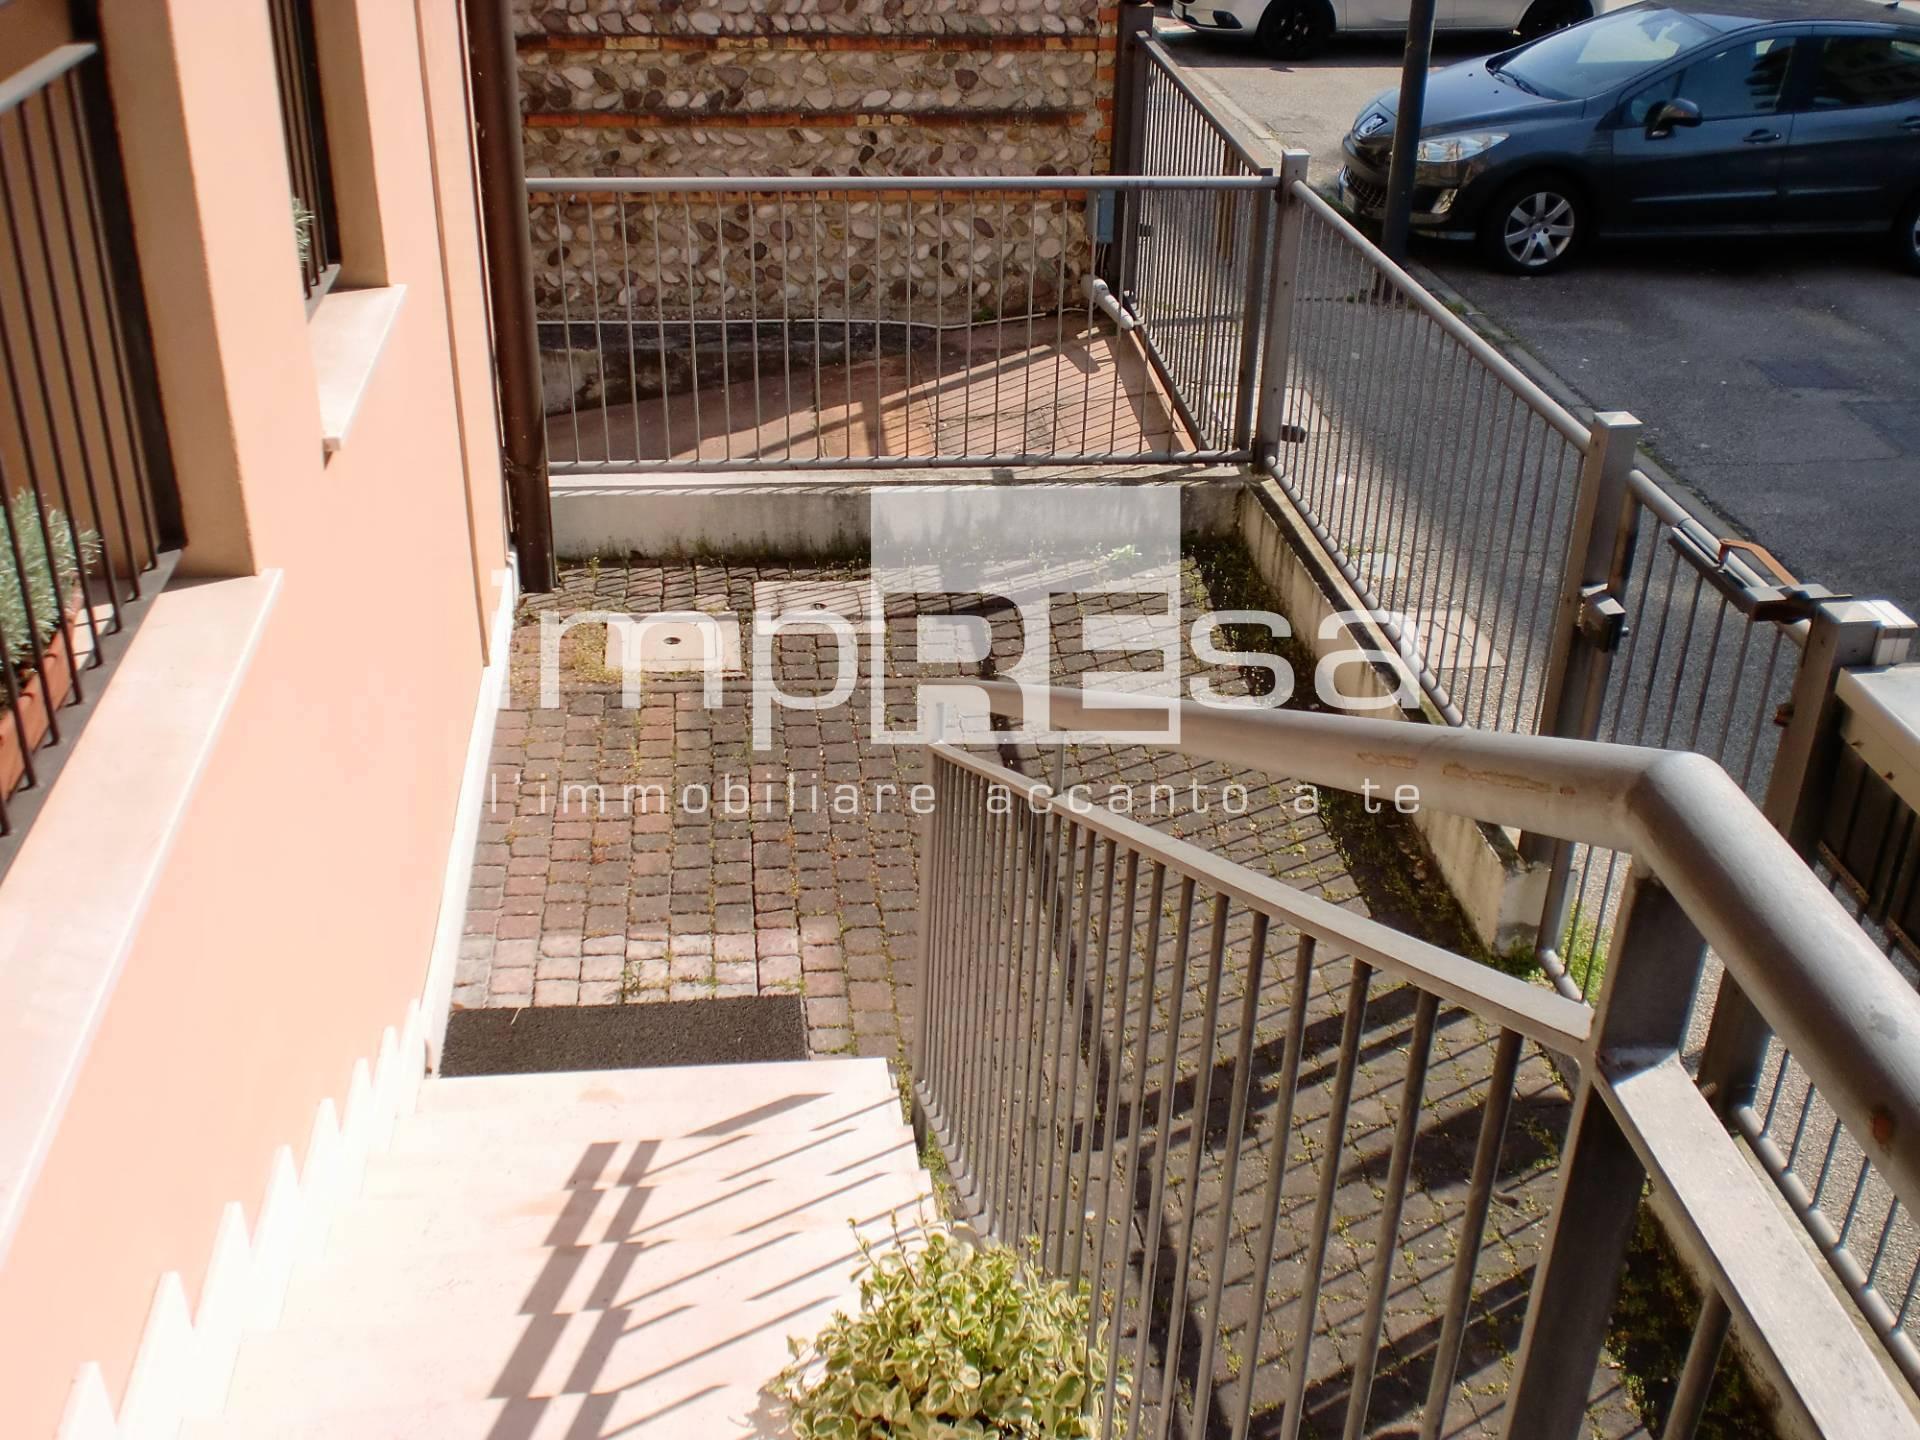 Ufficio in affitto a Stadio Omobono Tenni, Treviso (TV)